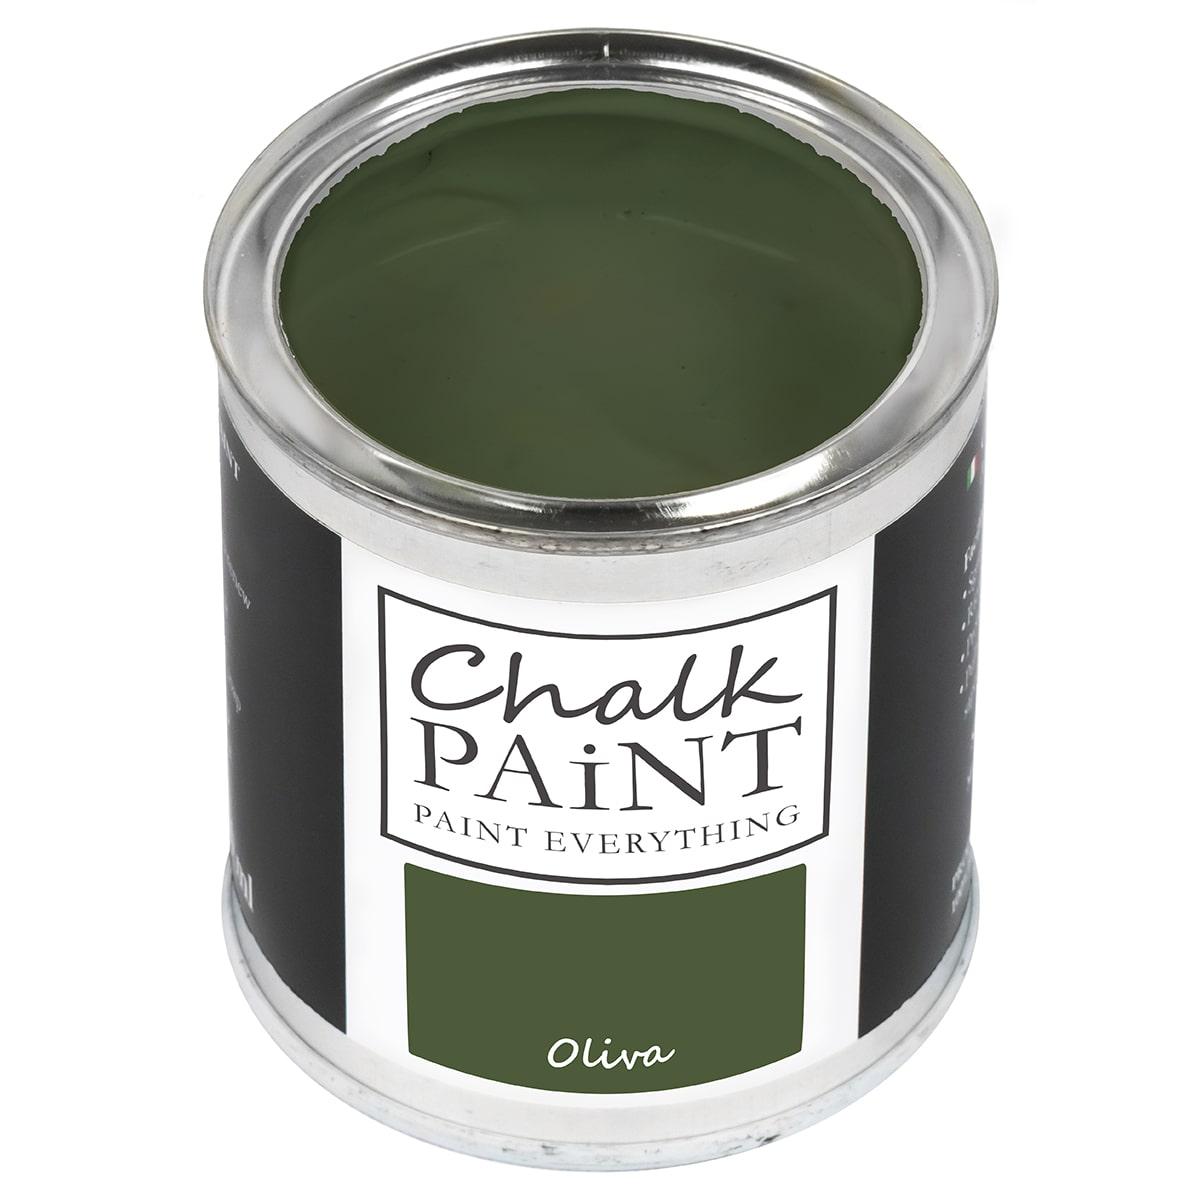 Chalk paint Oliva